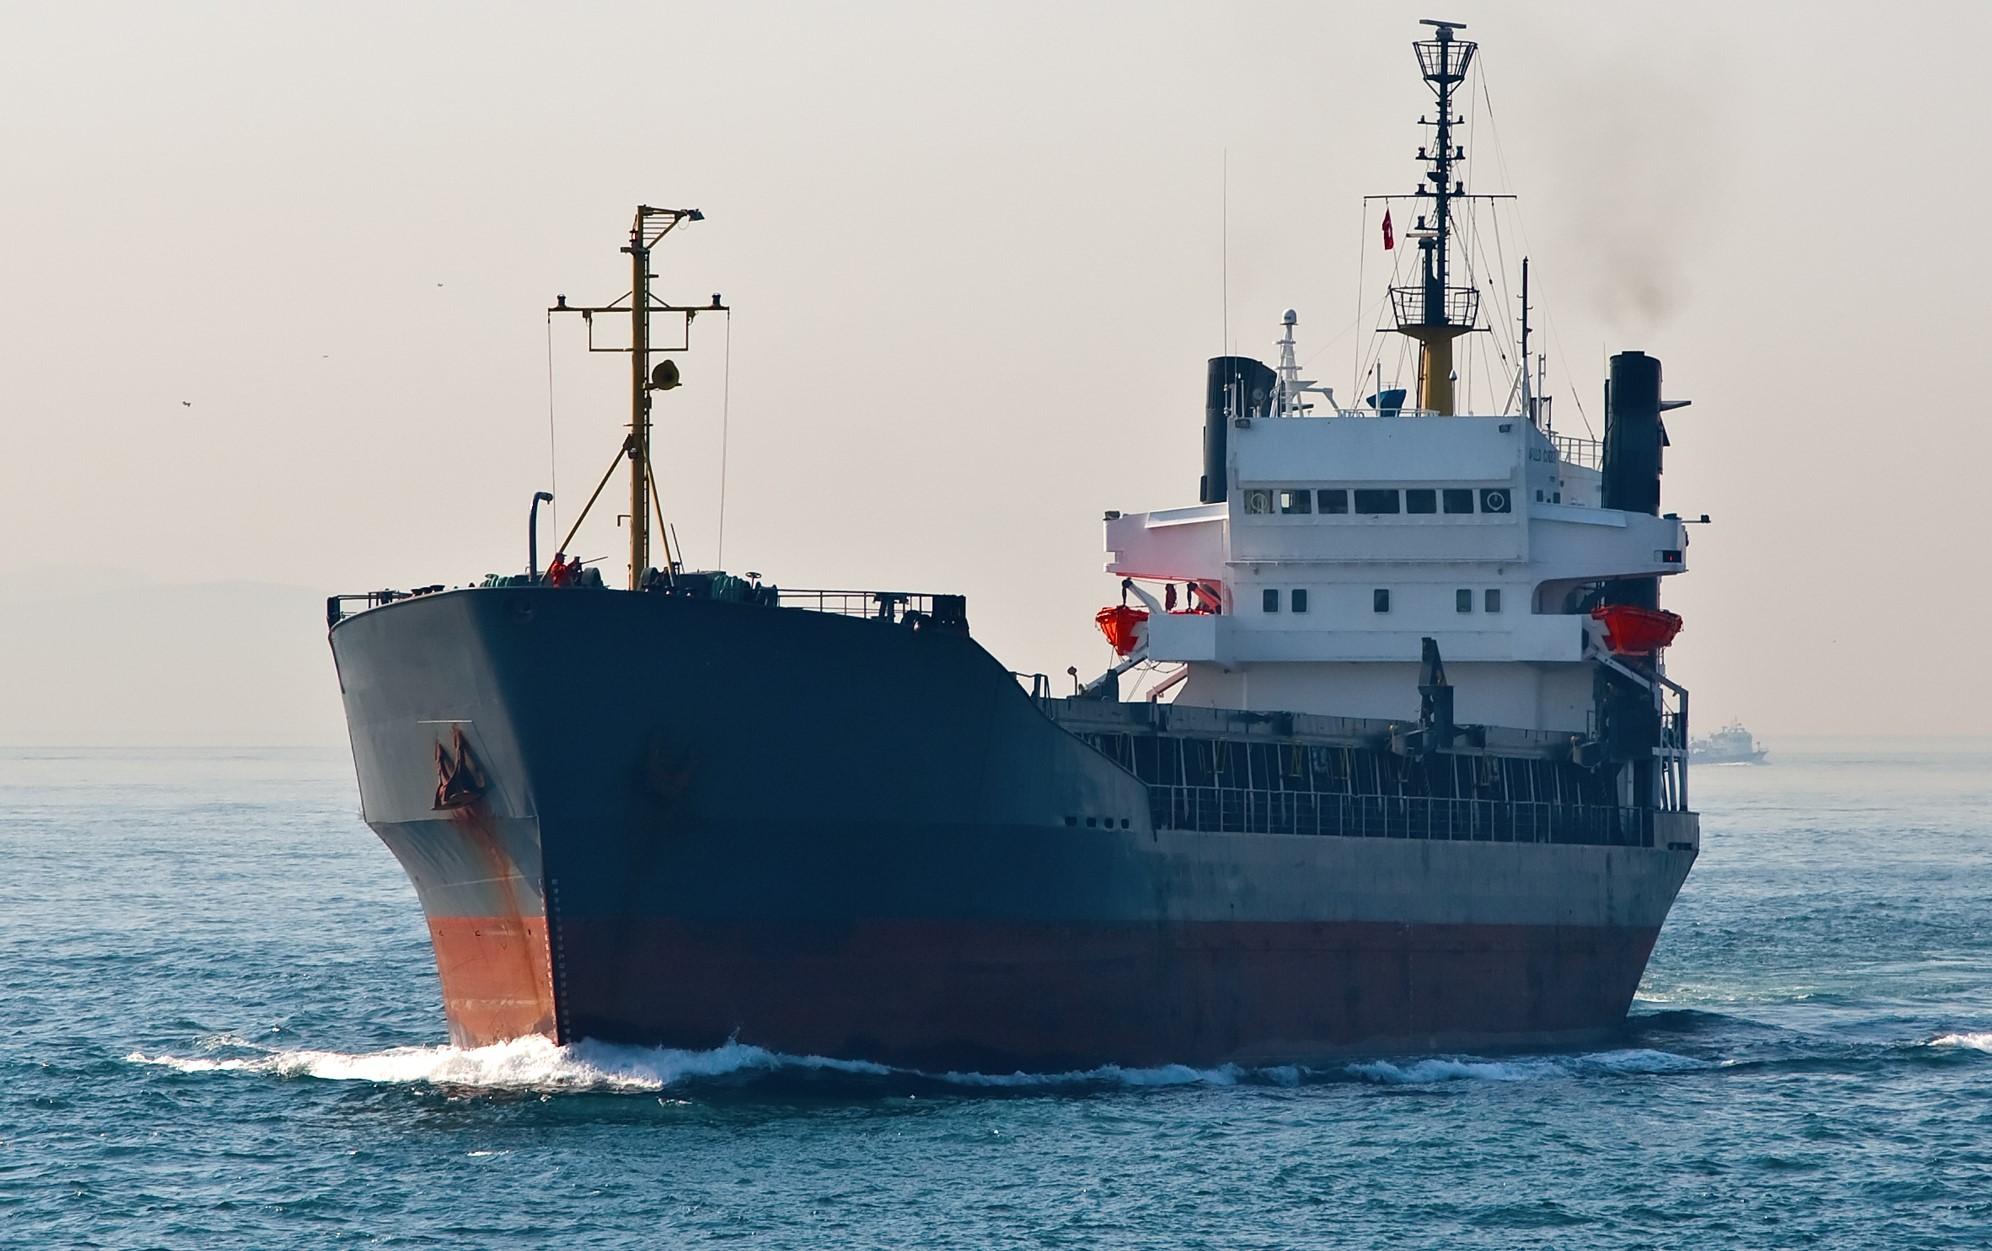 ship at sea2.jpg